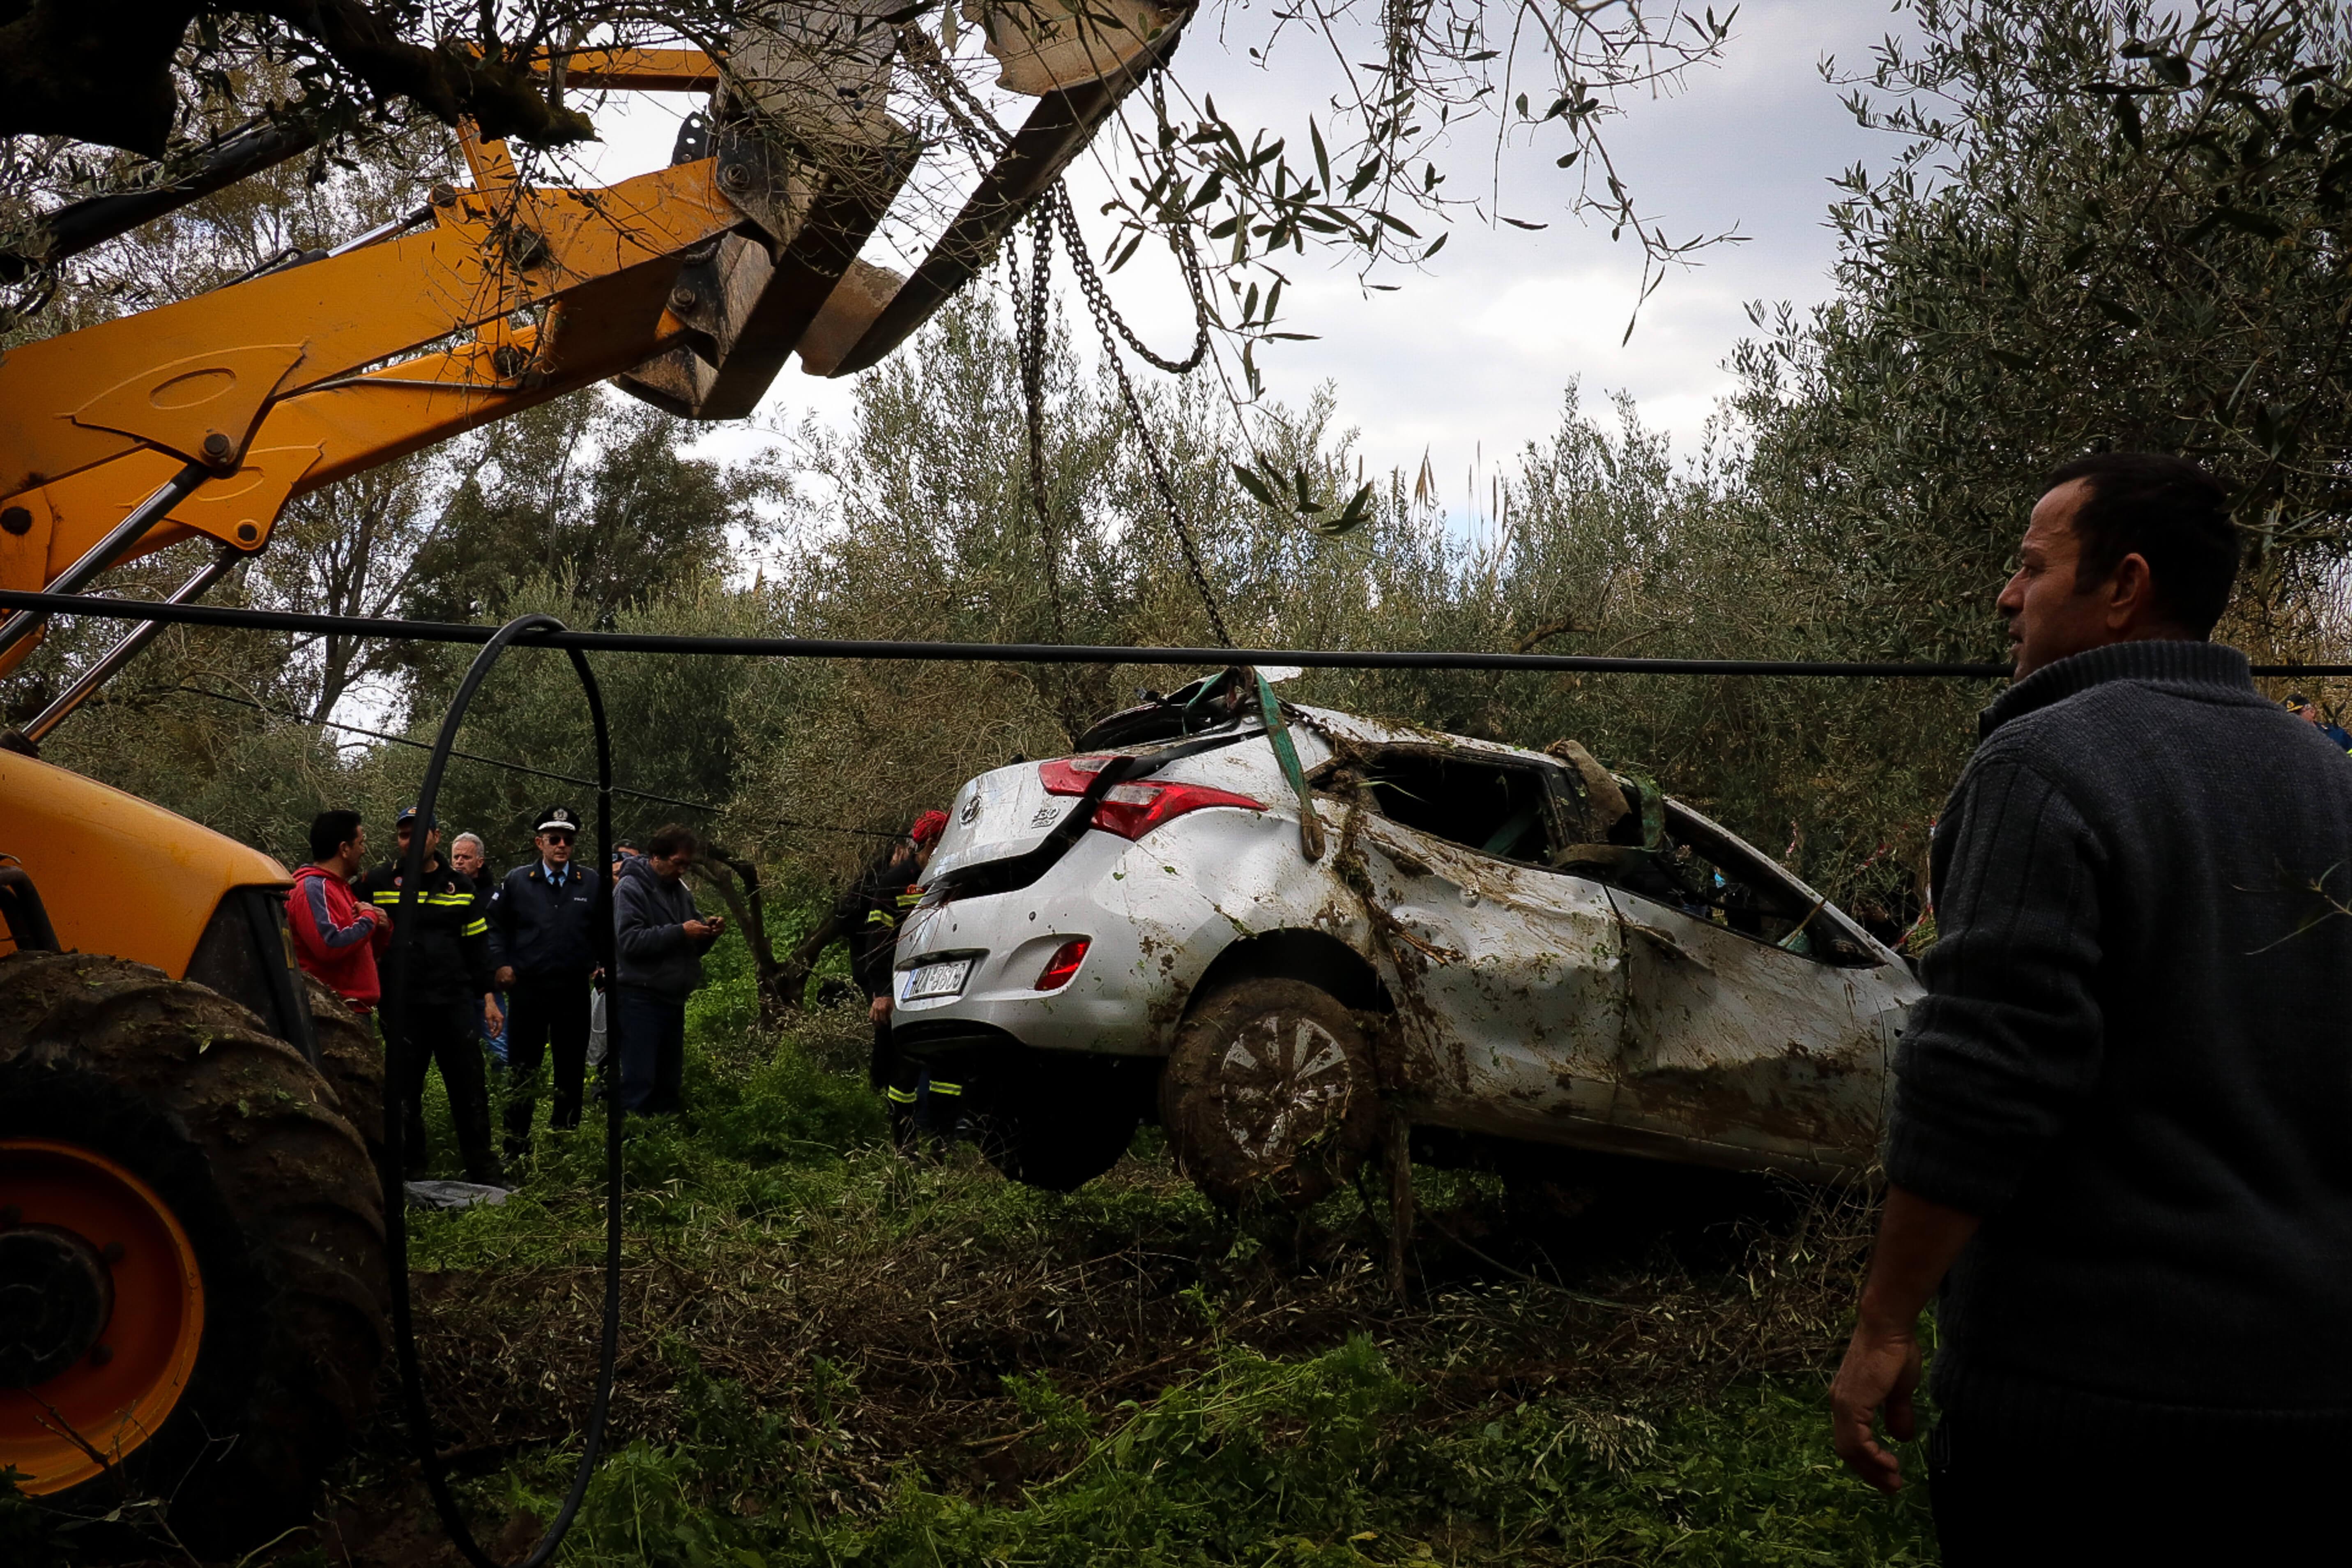 Ασύλληπτη τραγωδία με την οικογένεια που πνίγηκε στην Κρήτη – Τα απανωτά χτυπήματα της μοίρας